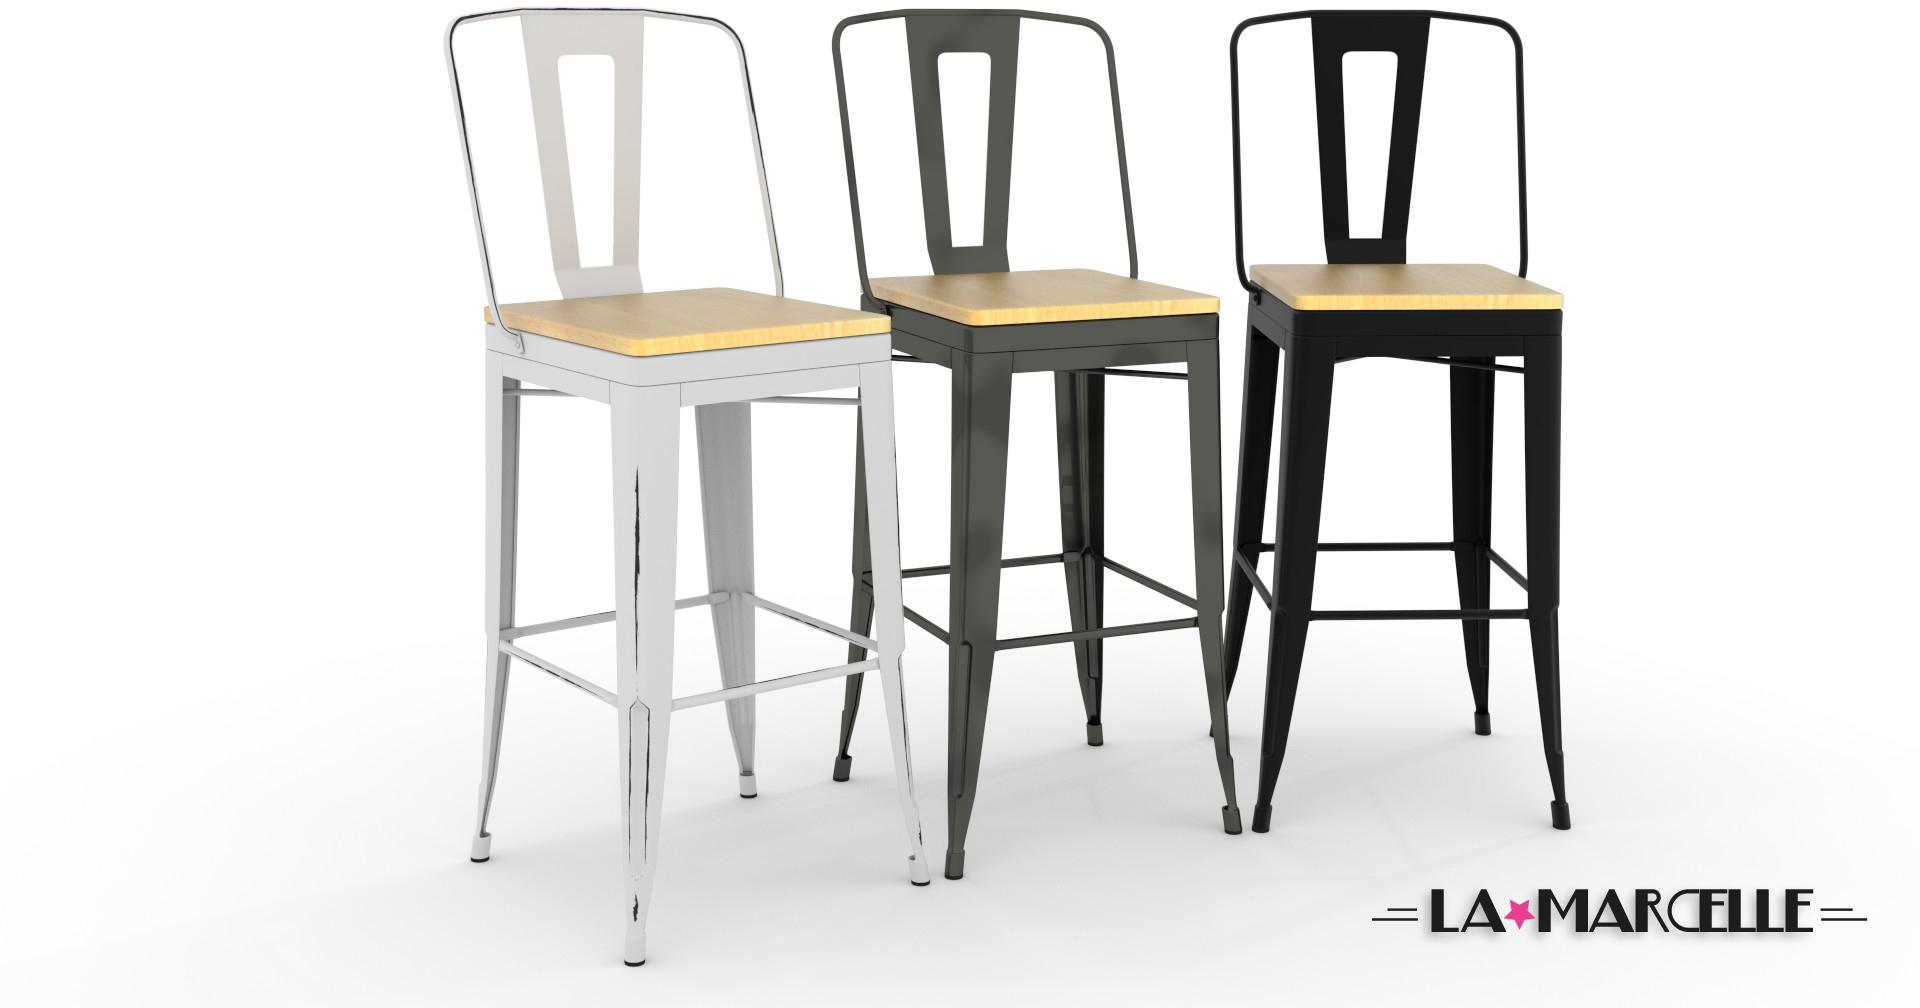 Tabouret et chaise de bar pas cher maison et mobilier d 39 int rieur - Ou trouver des meubles d occasion ...